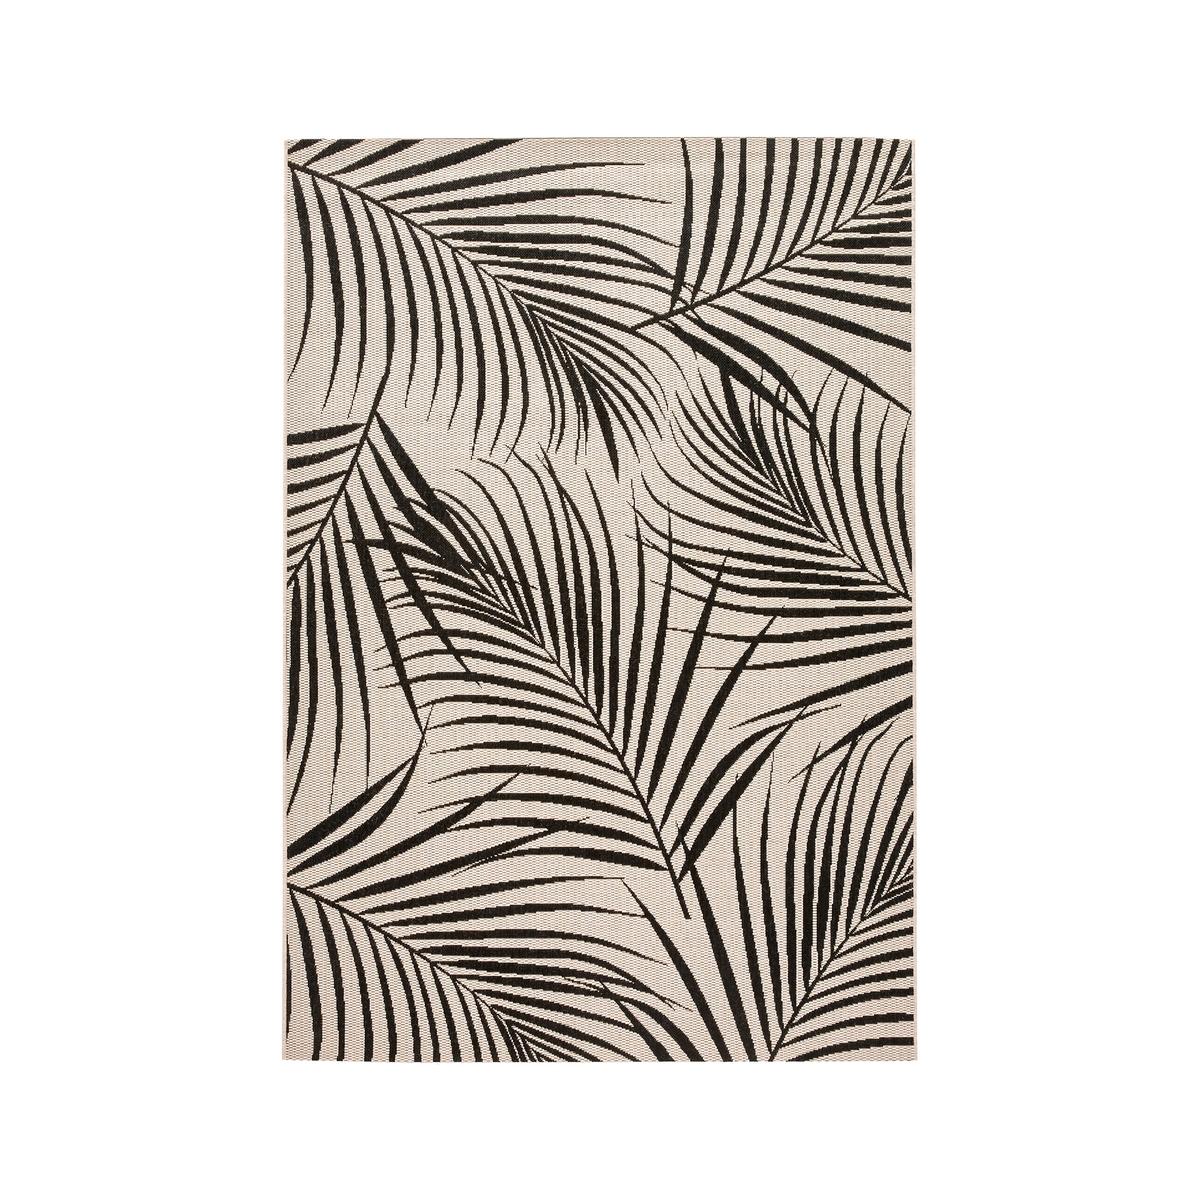 Ковер La Redoute Palmir с рисунком листья пальмы 120 x 170 см бежевый ковер la redoute горизонтального плетения с рисунком цементная плитка iswik 120 x 170 см бежевый